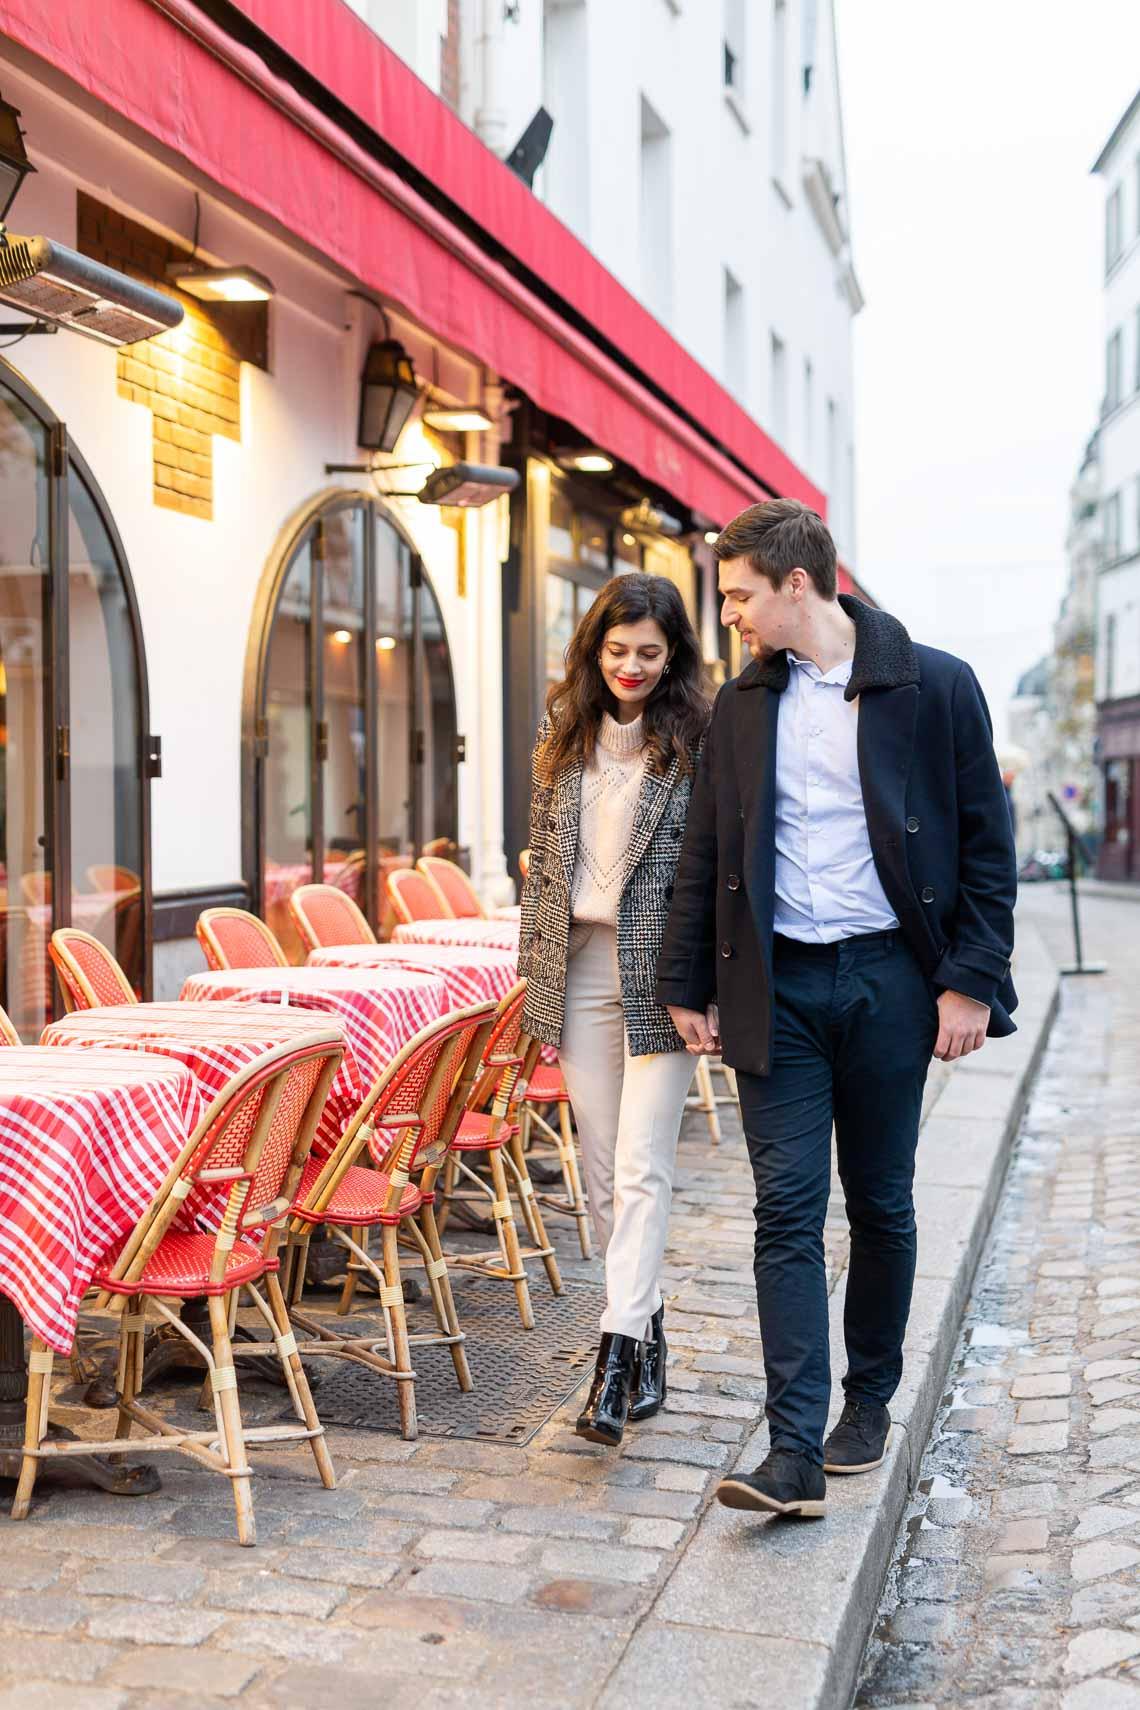 Photo rue Paris couple bar